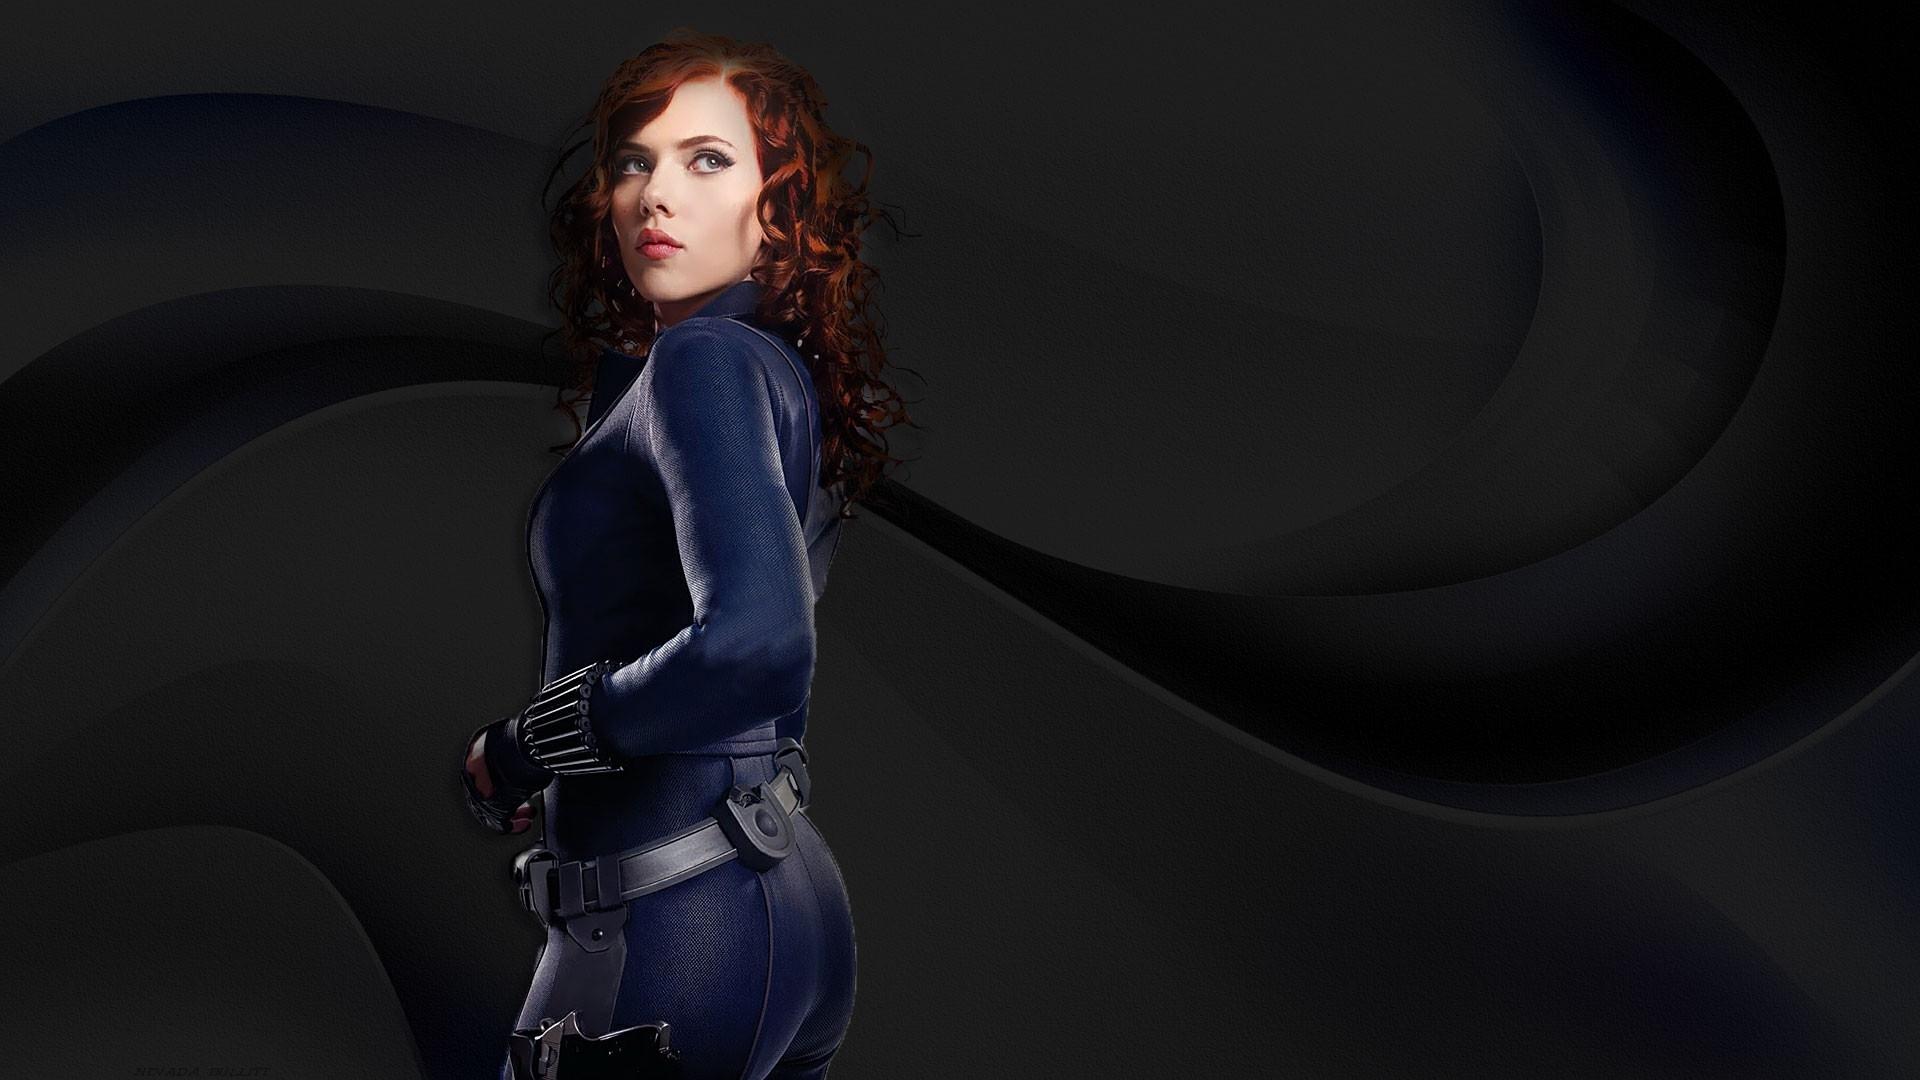 Black Widow Wallpaper Scarlett Scarlett Johansson Black Widow 1920x1080